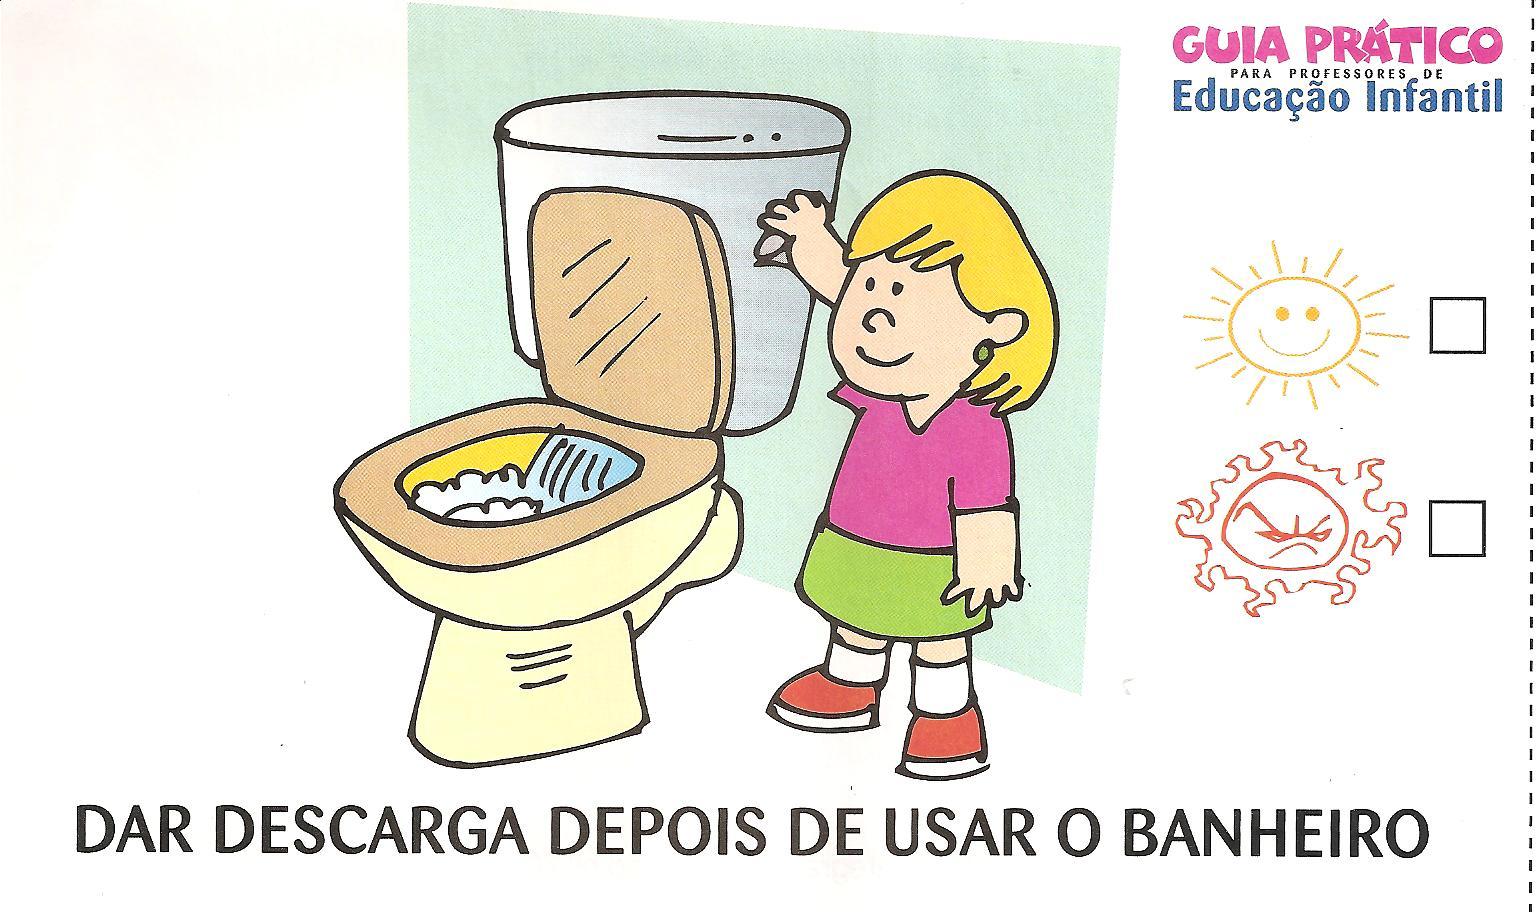 #C5AA06 Regras para ida ao banheiro 1536x912 px Banheiro Para Deficiente Regras 2545